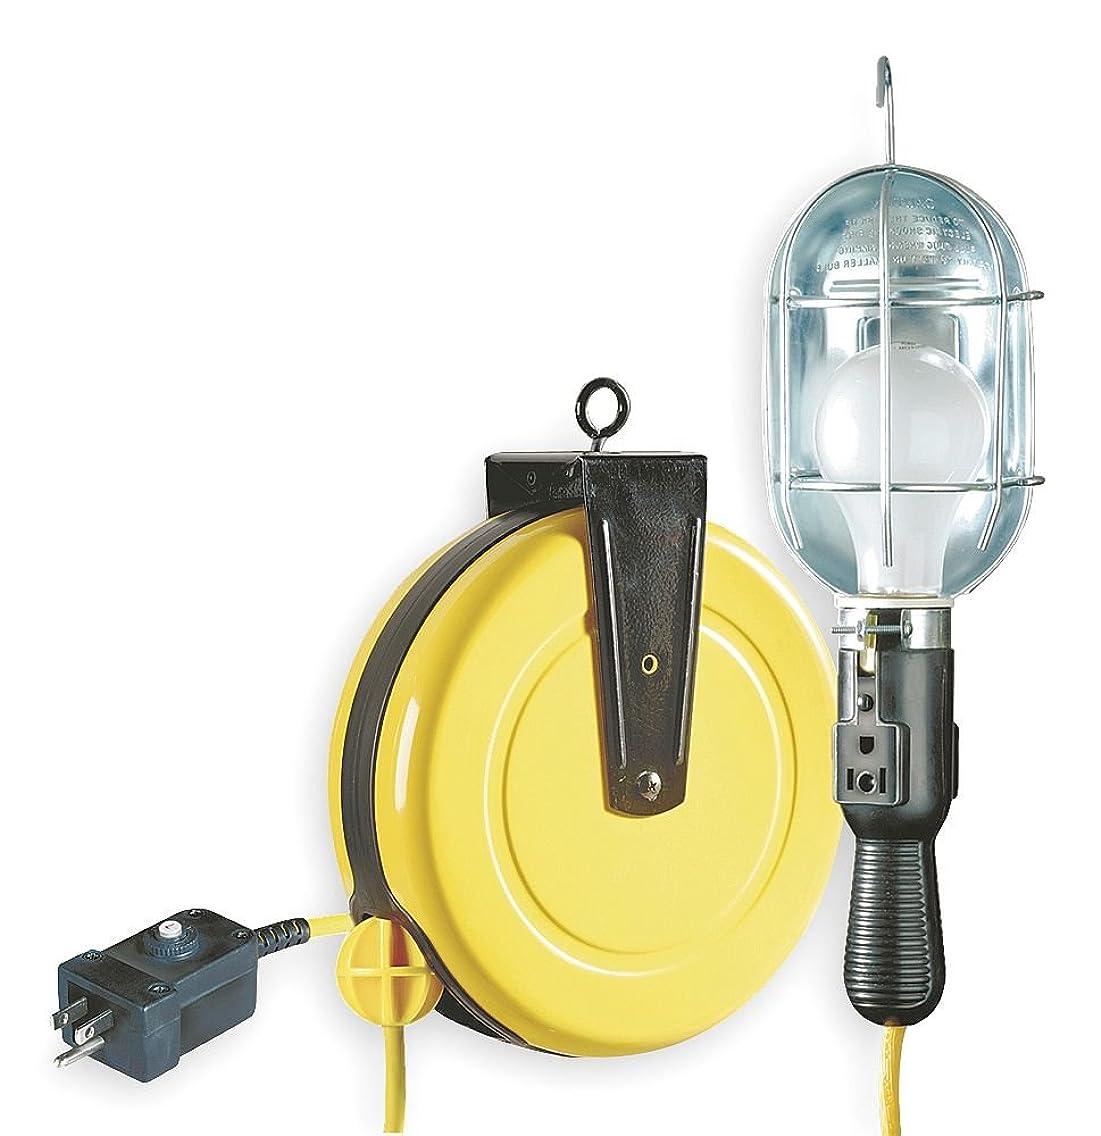 規模基本的なジャーナルLumaPro 6X756 Cord Reel Light, 7 A by LumaPro